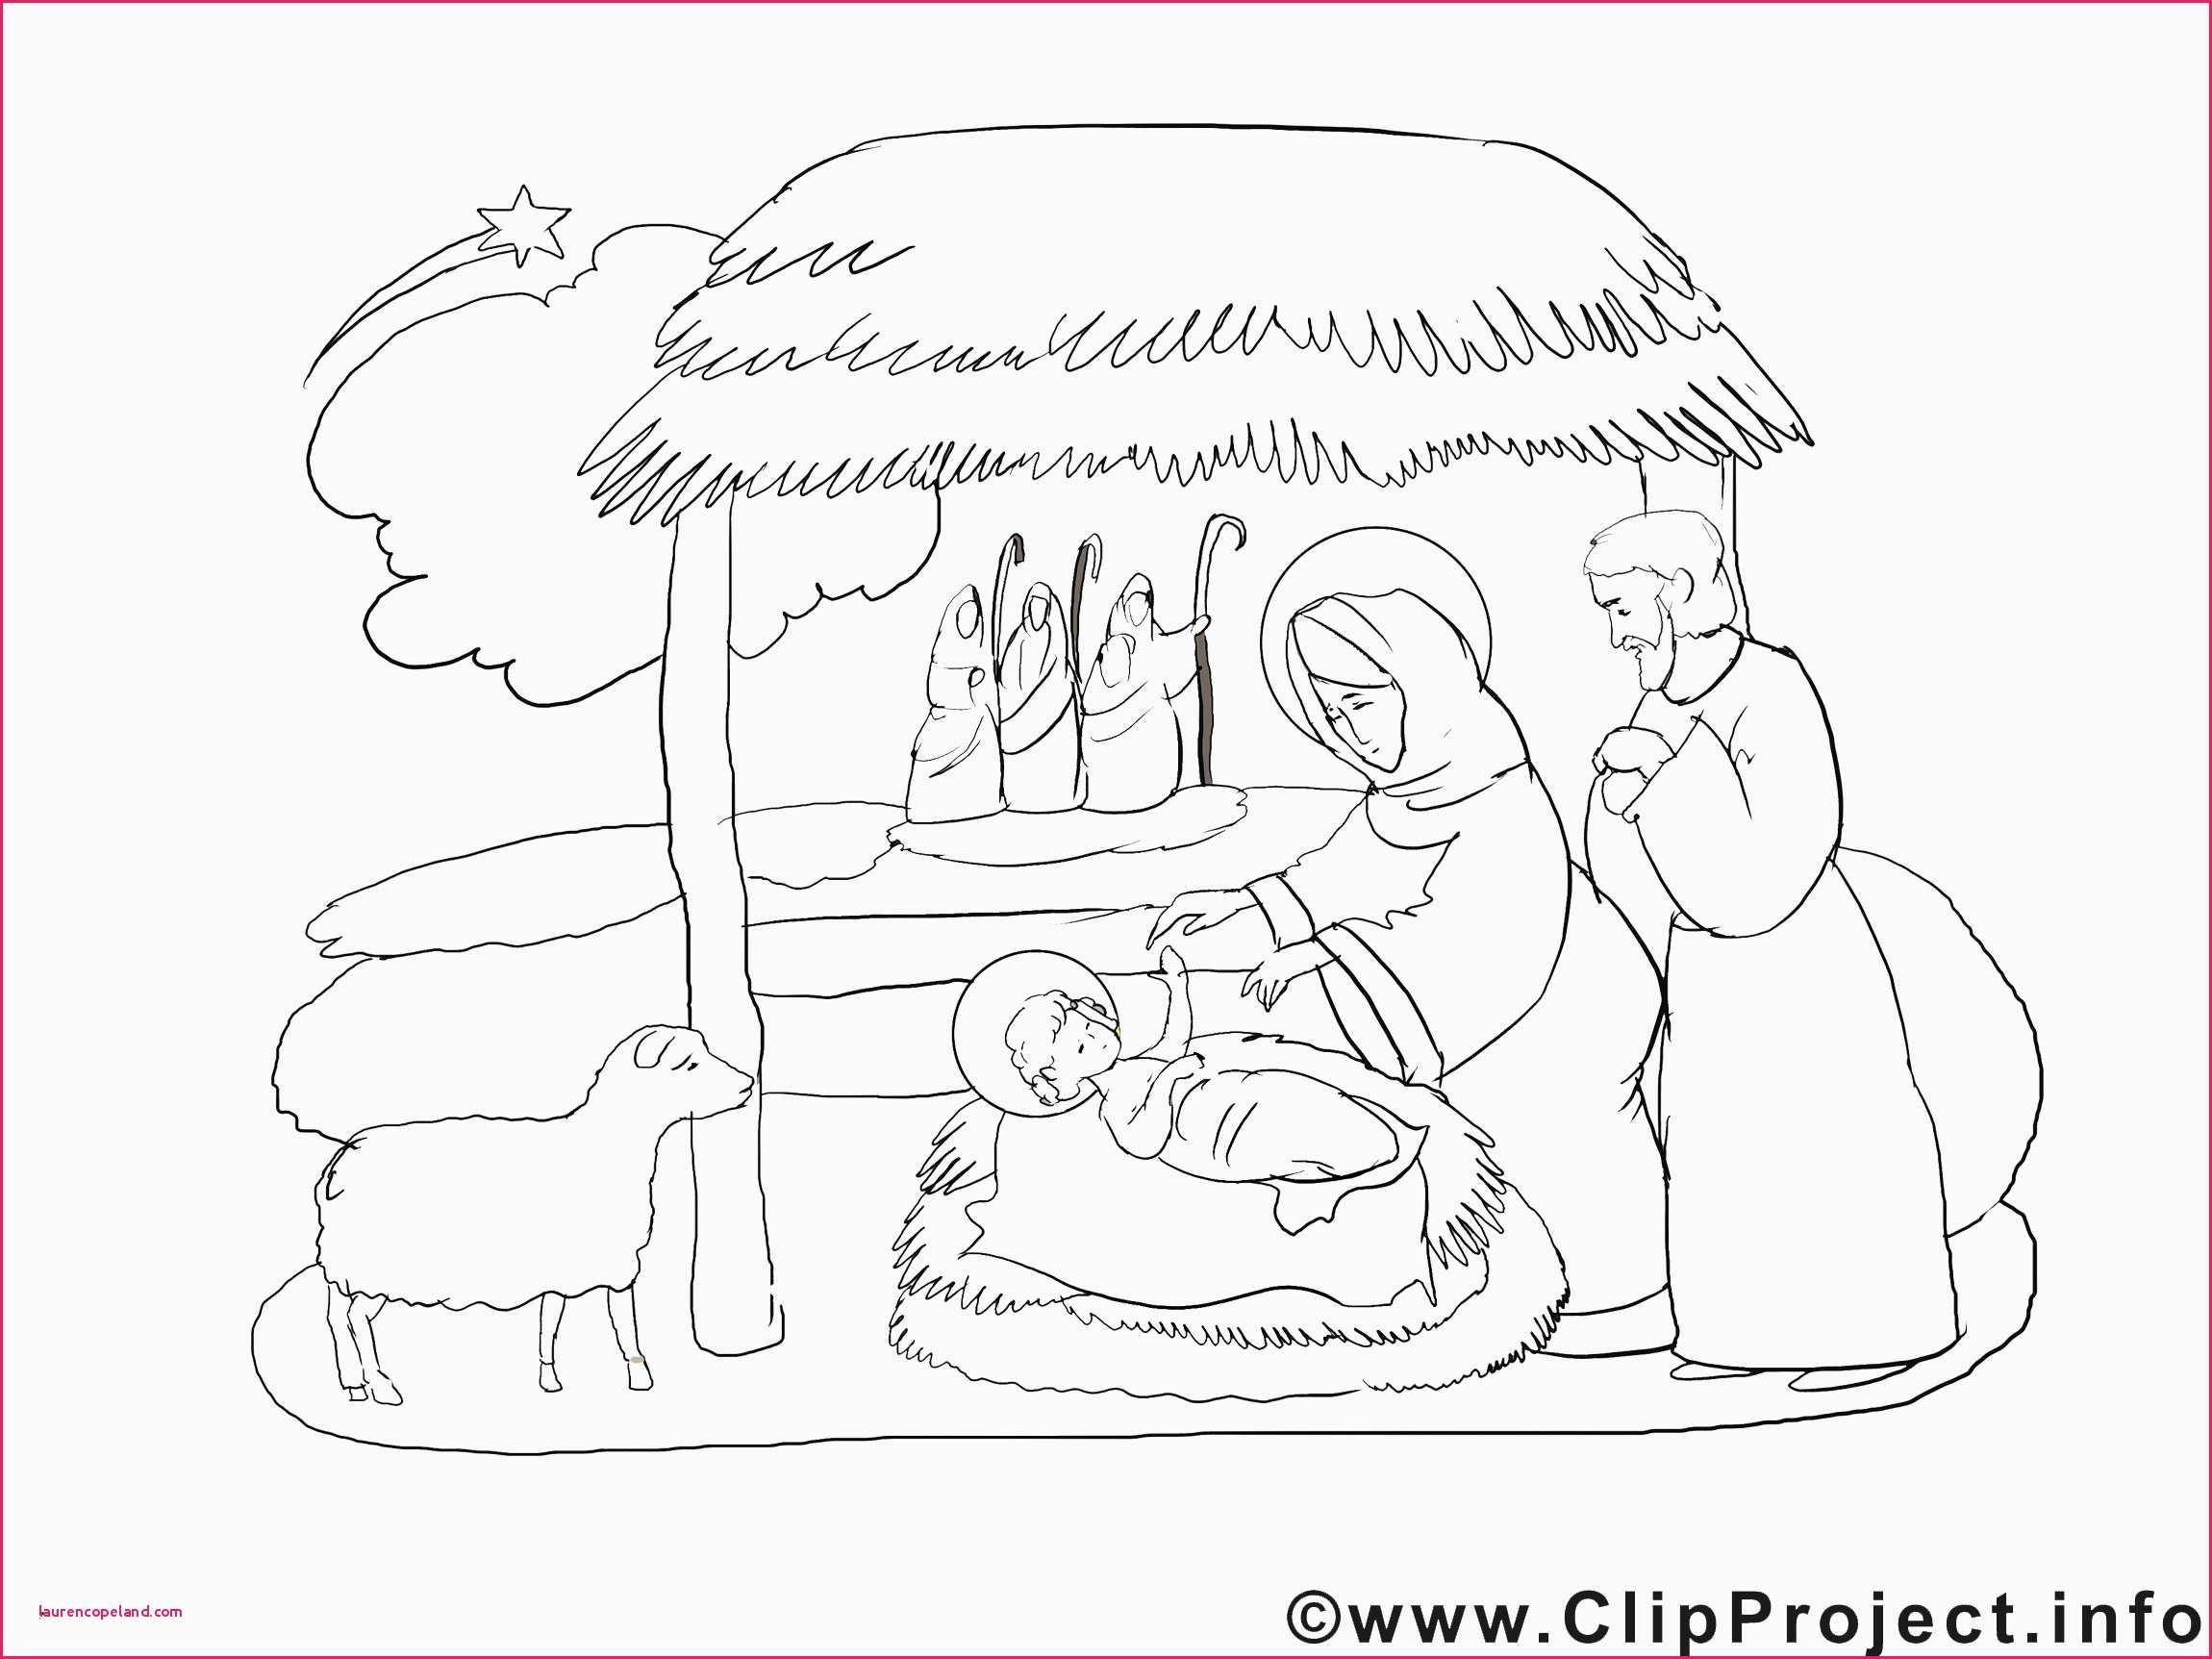 Ausmalbilder Weihnachtsmann Einzigartig 24 Muster Bilder Zum Ausmalen Das Bild